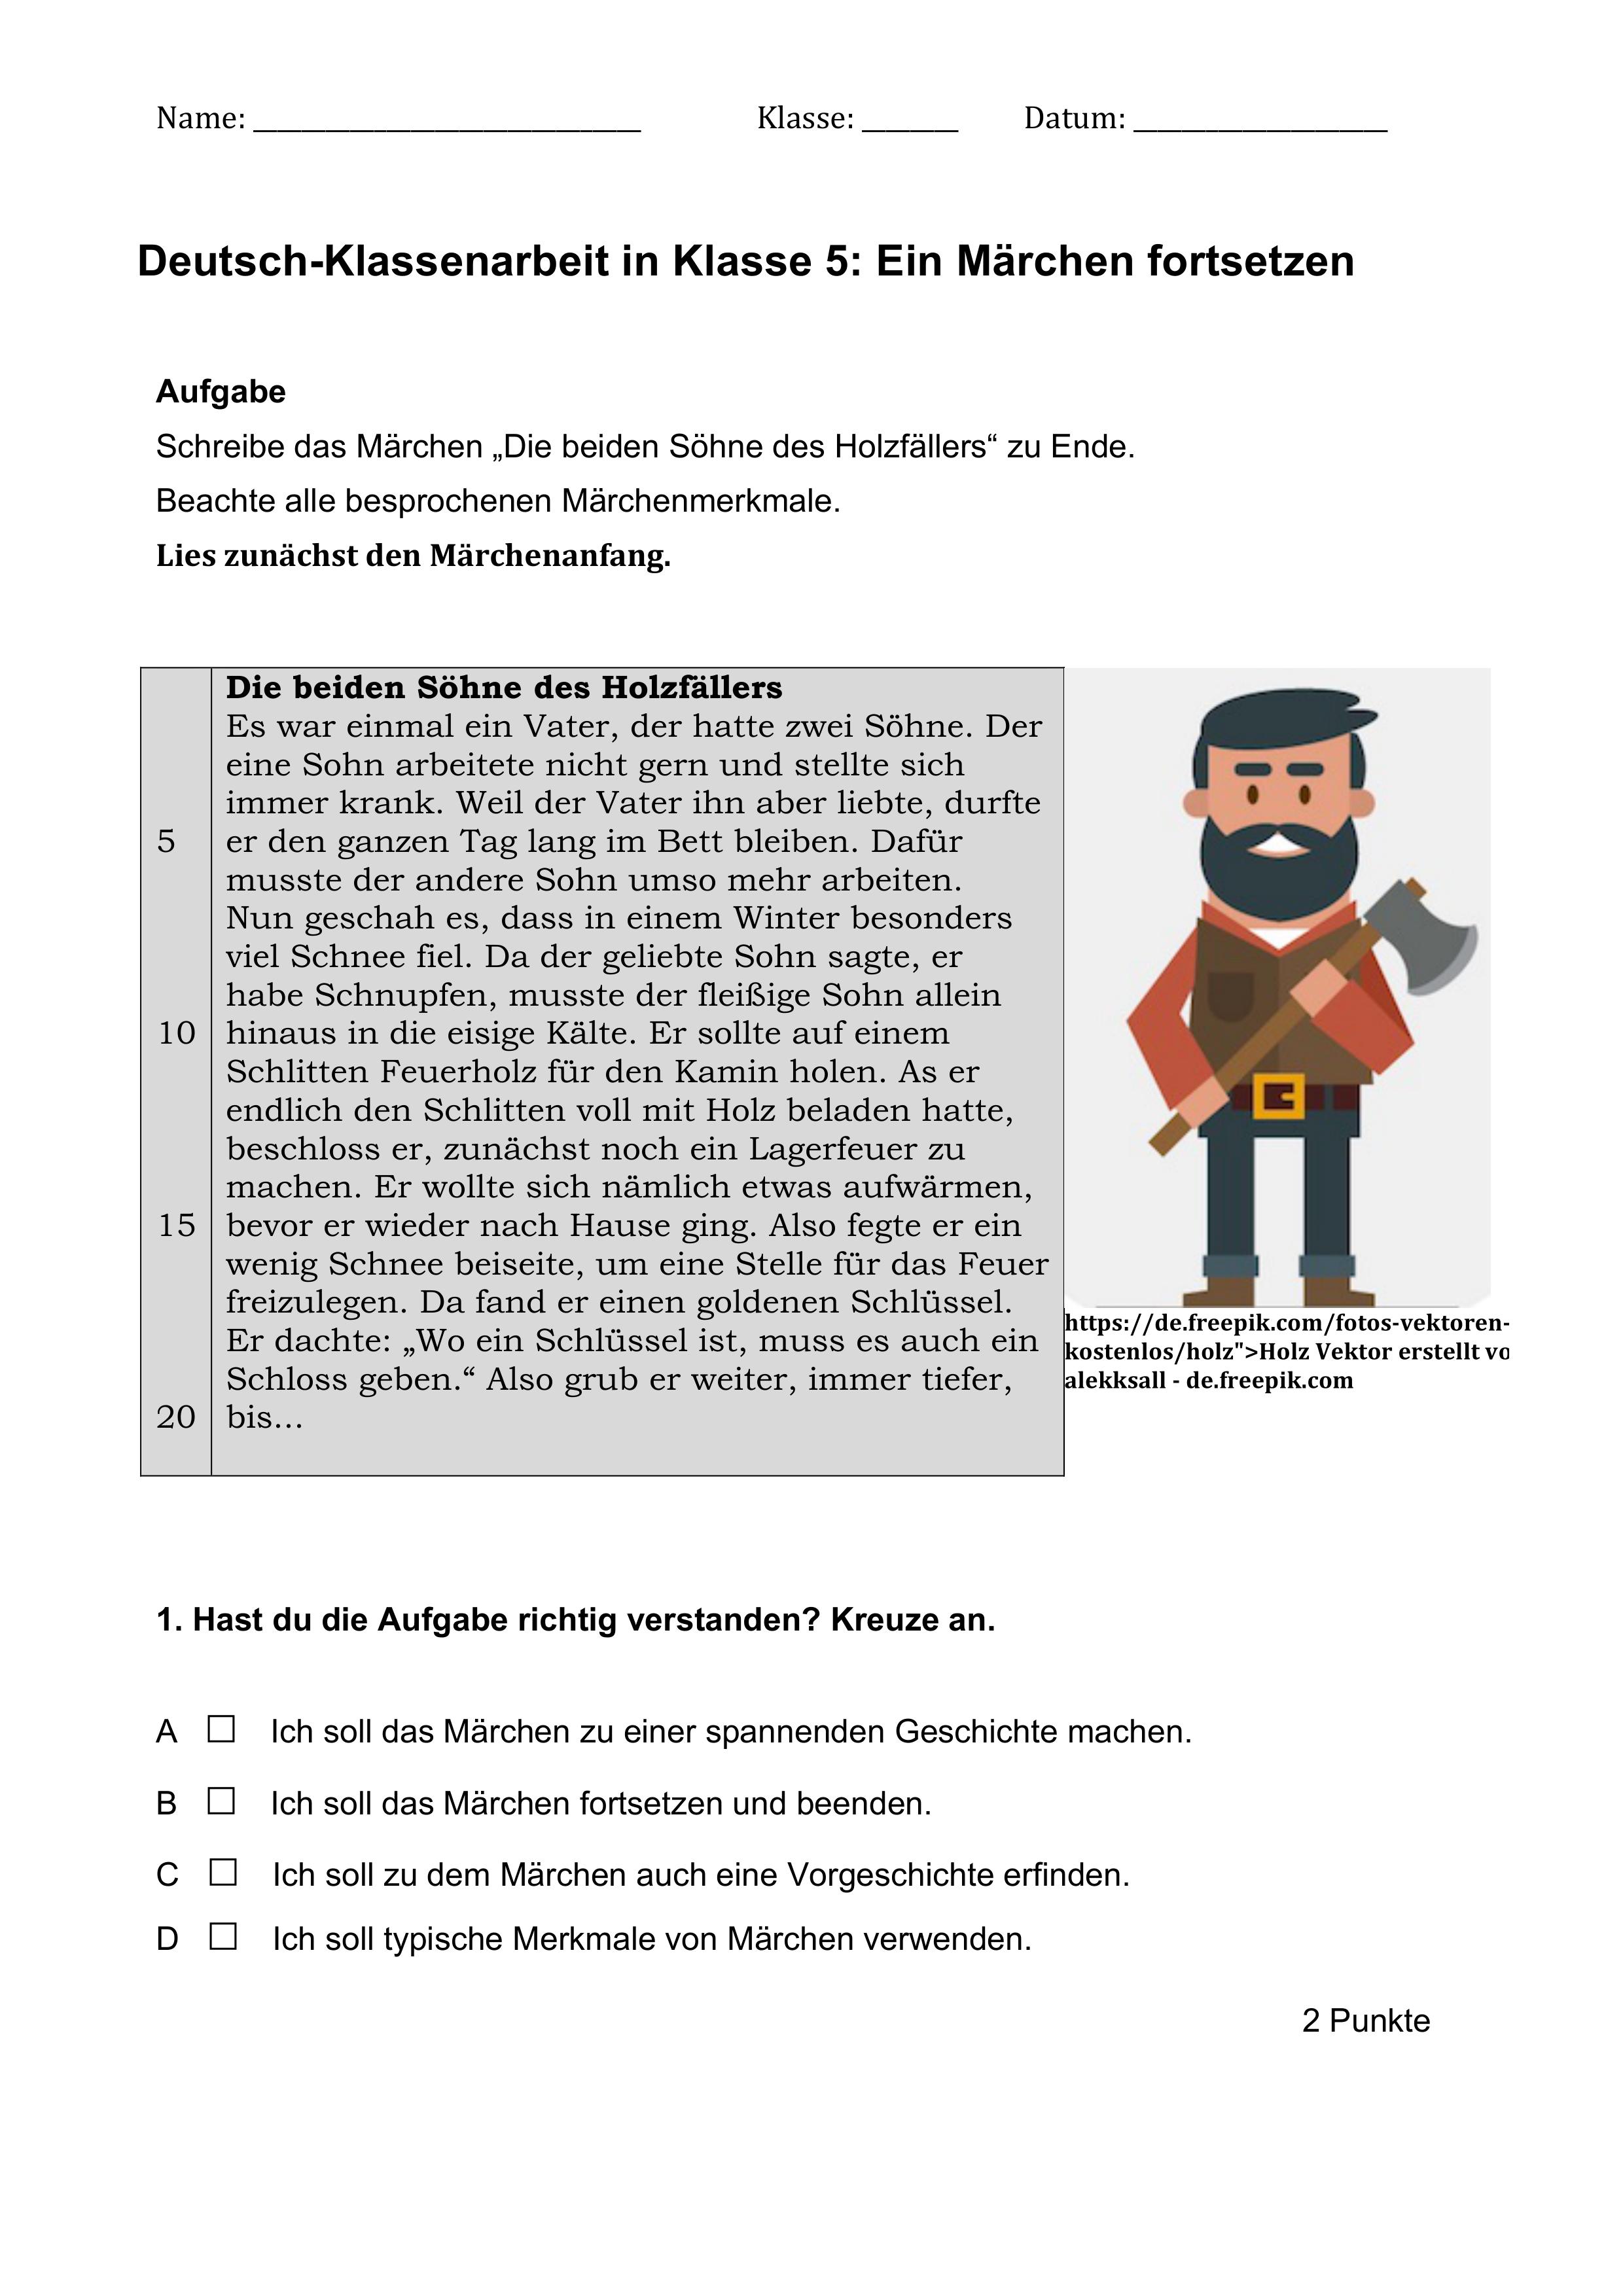 Klassenarbeit Marchen Fortsetzen Klasse 5 Klassenarbeiten Erste Klasse Deutsch Unterricht